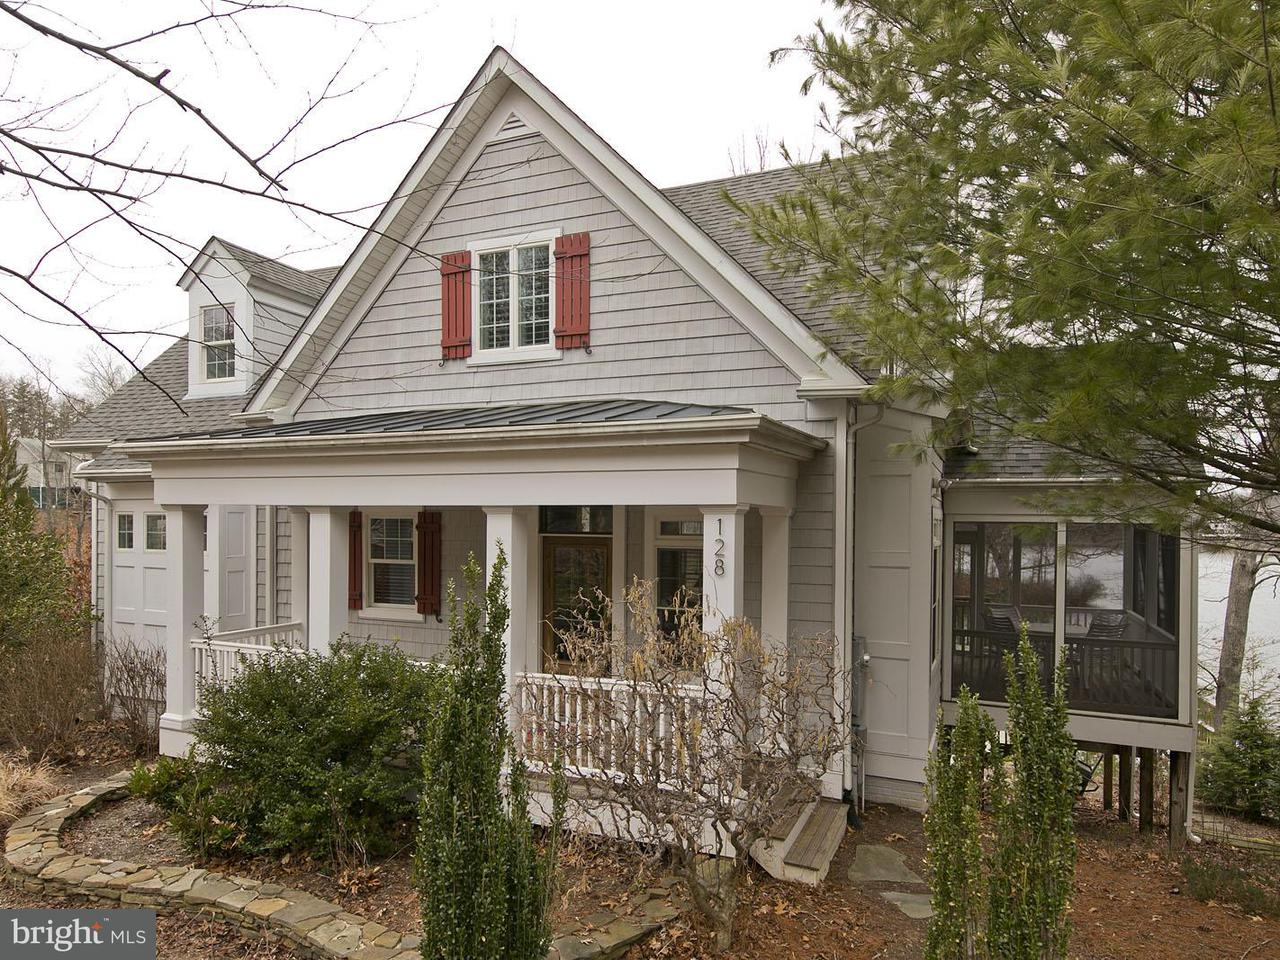 一戸建て のために 売買 アット 128 Waterside Lane 128 Waterside Lane Cross Junction, バージニア 22625 アメリカ合衆国